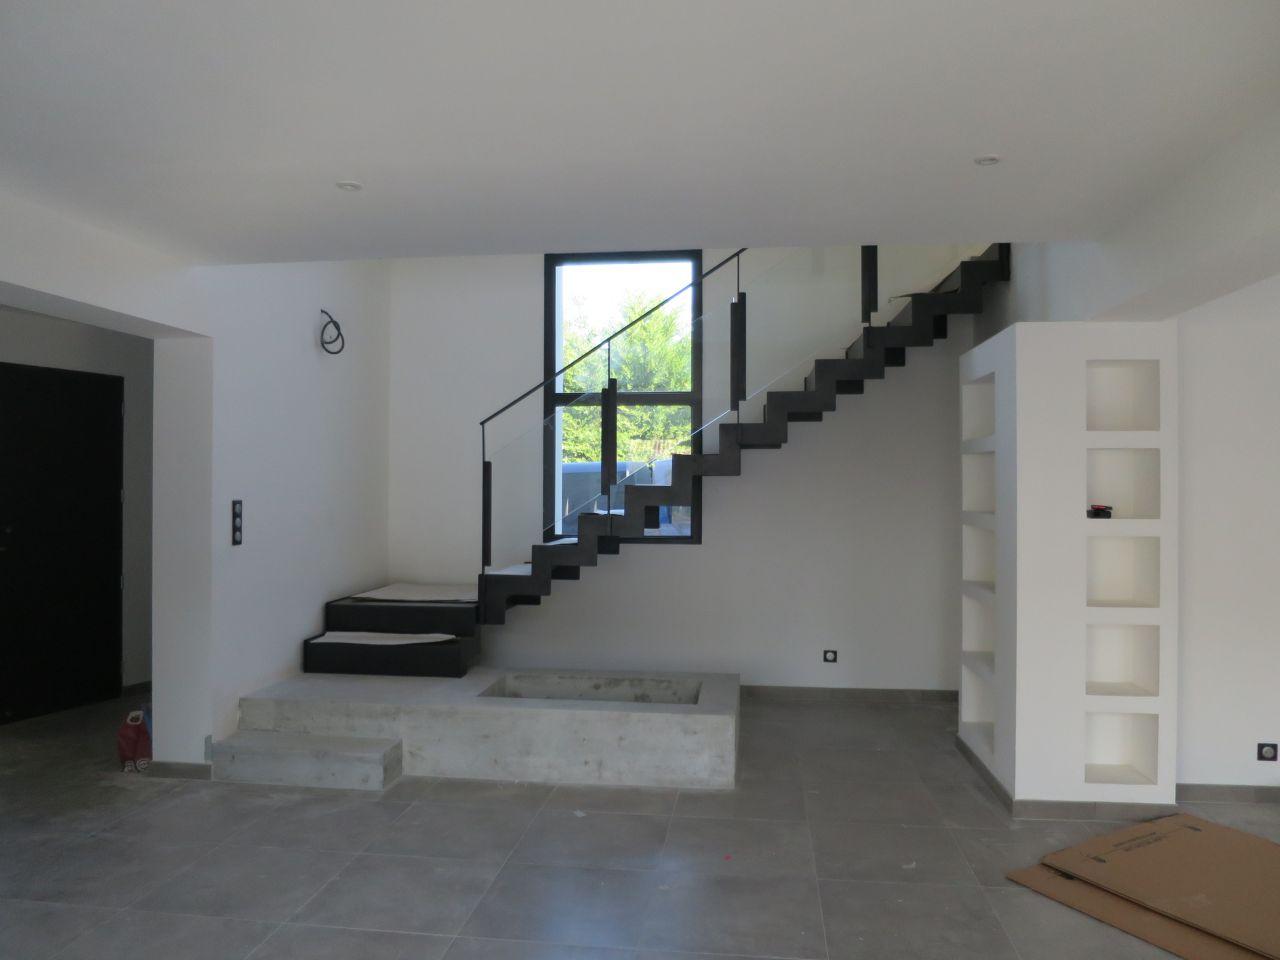 escalier terminé